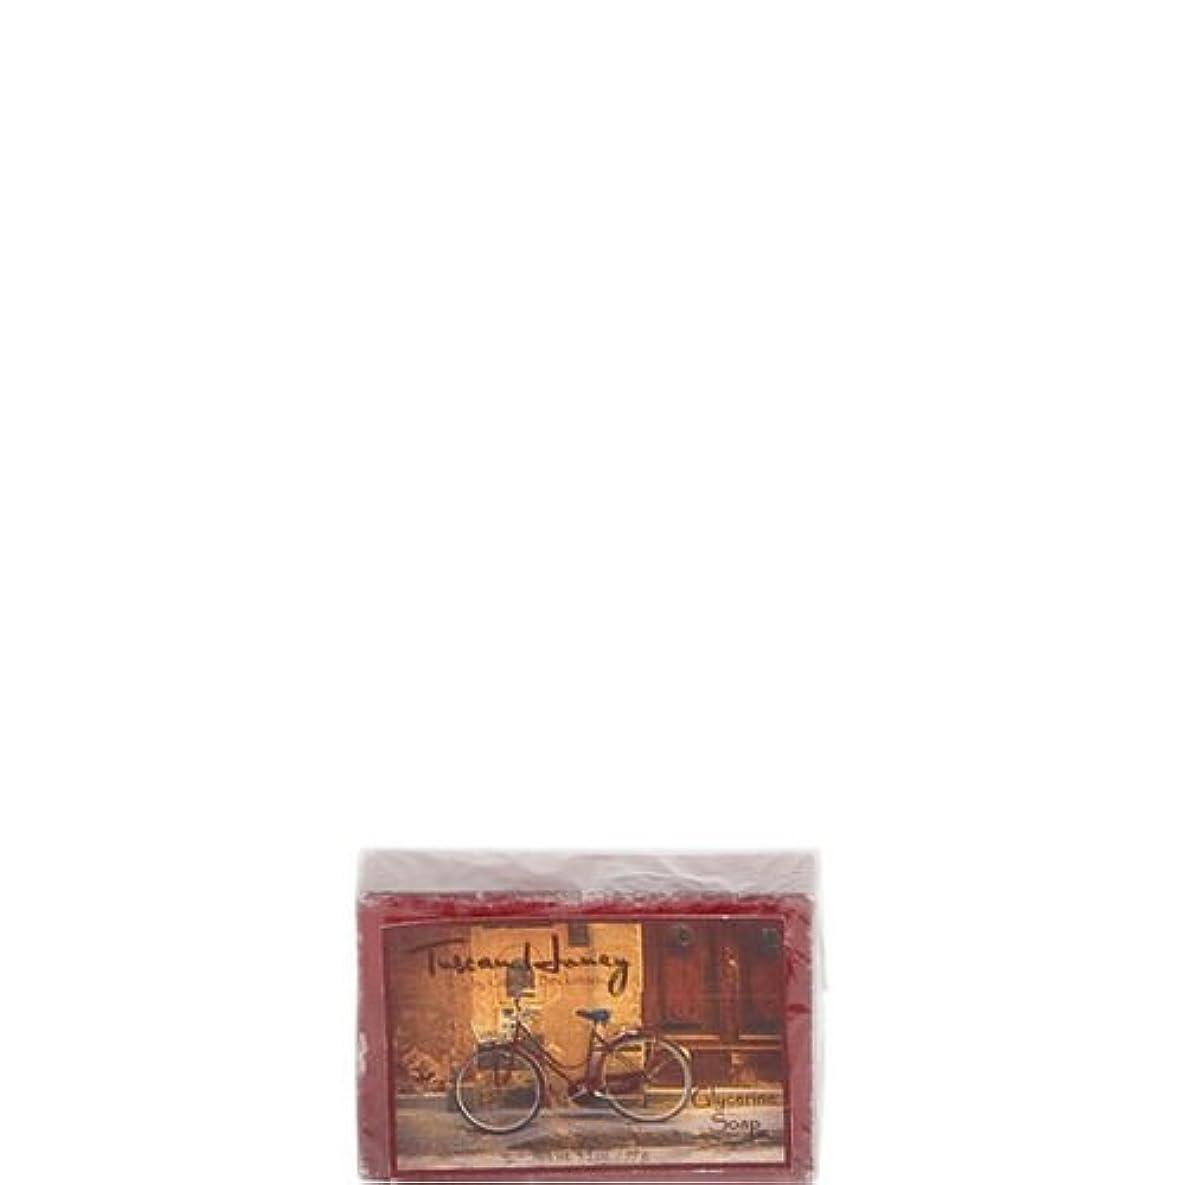 下位持つノベルティCamille Beckman Glycerine Bar Soap 3.5 oz - Secret Sea Scent by Camille Beckman [並行輸入品]